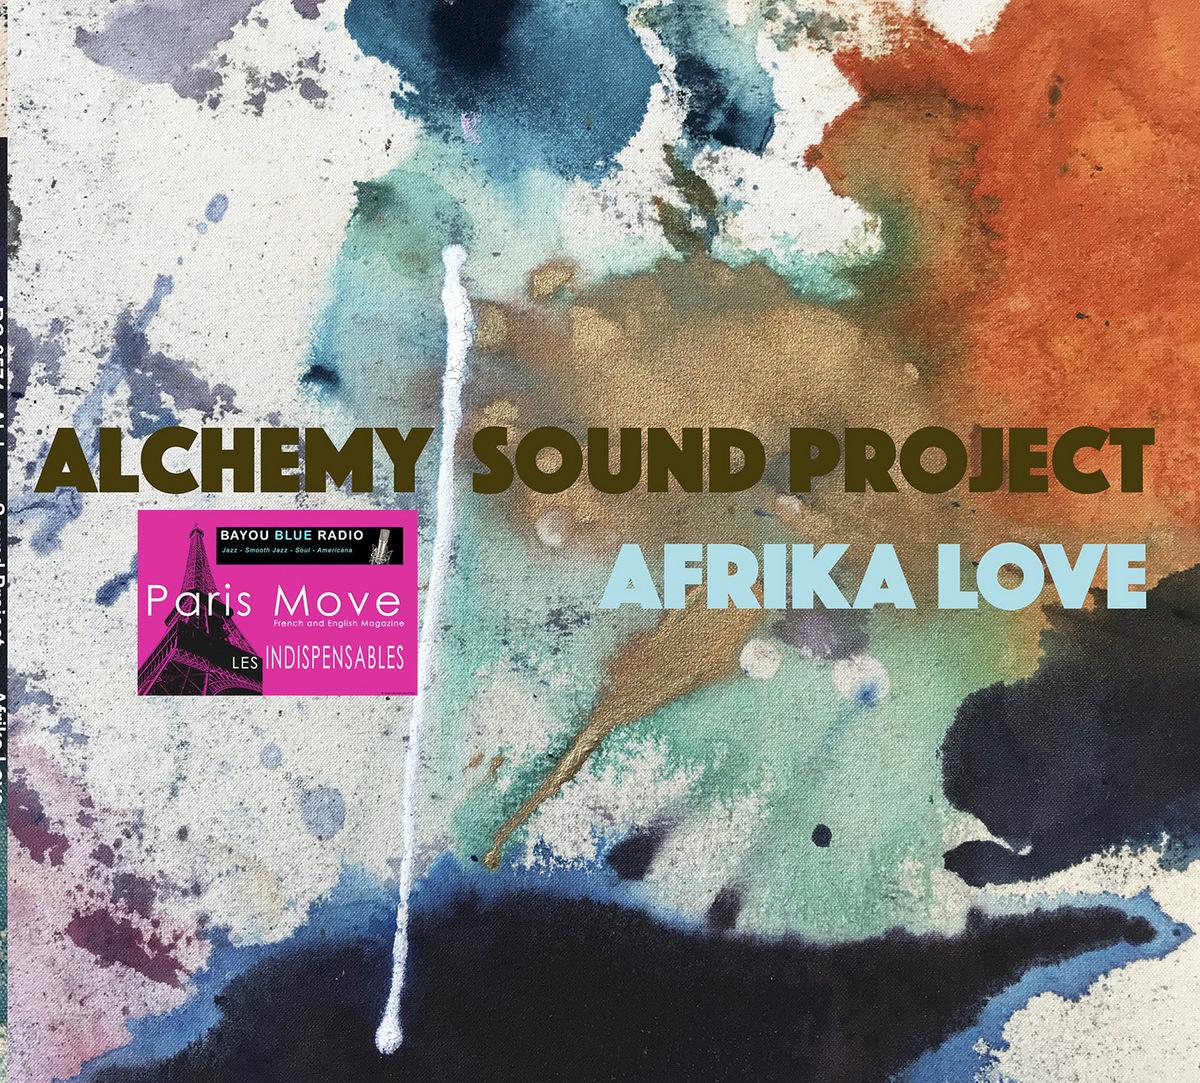 Alchemy Sound Project